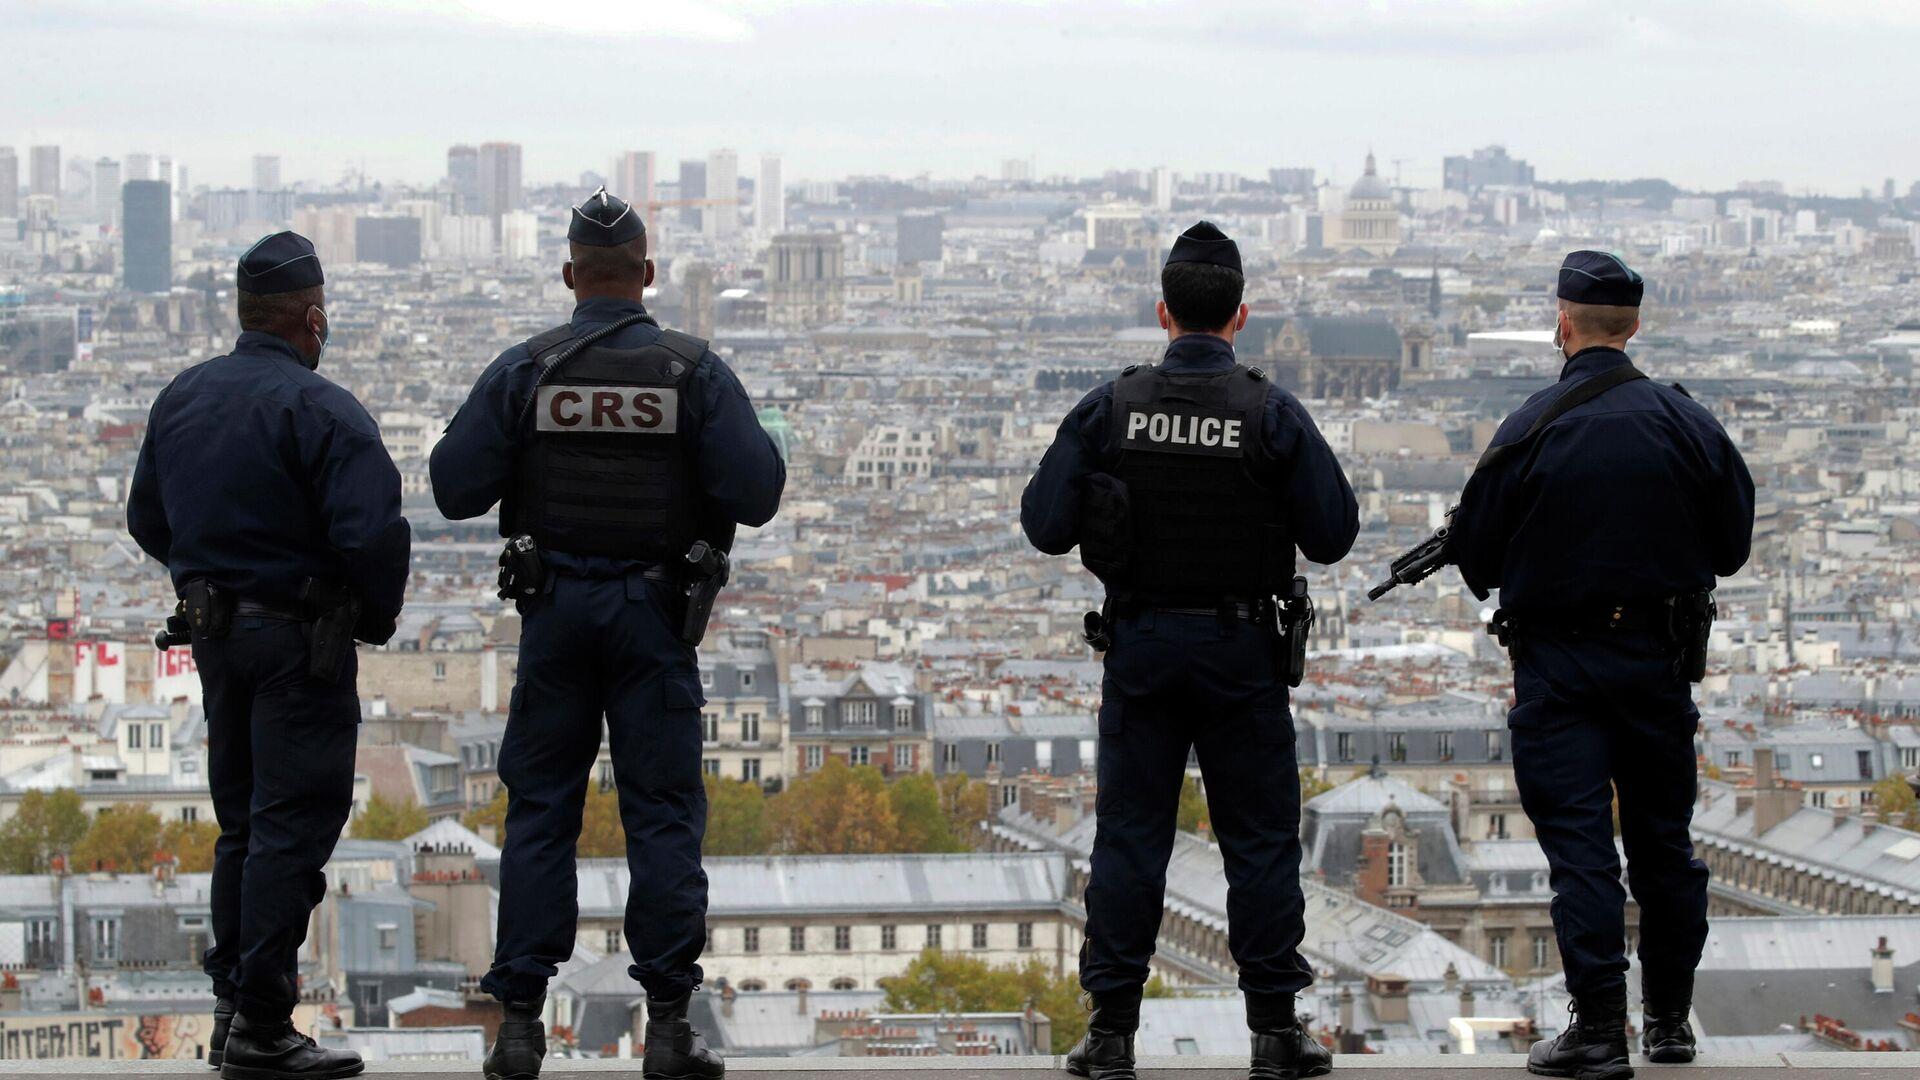 Сотрудники полиции и спецслужб Франции в Париже - РИА Новости, 1920, 18.11.2020